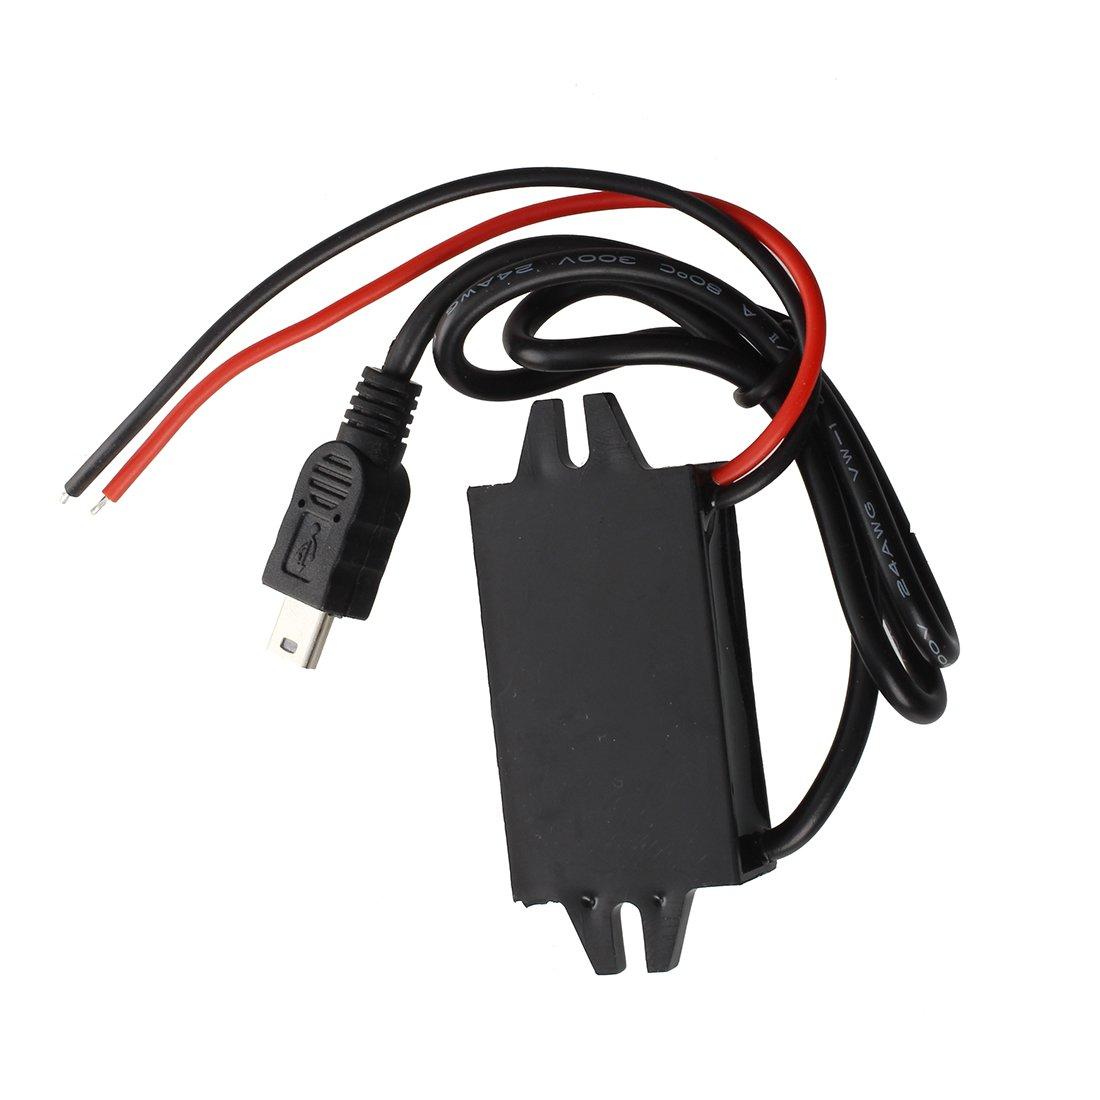 SODIAL R Convertidor Conversor de 12V a 5V 3A DC-DC USB Negro Adaptador Coche